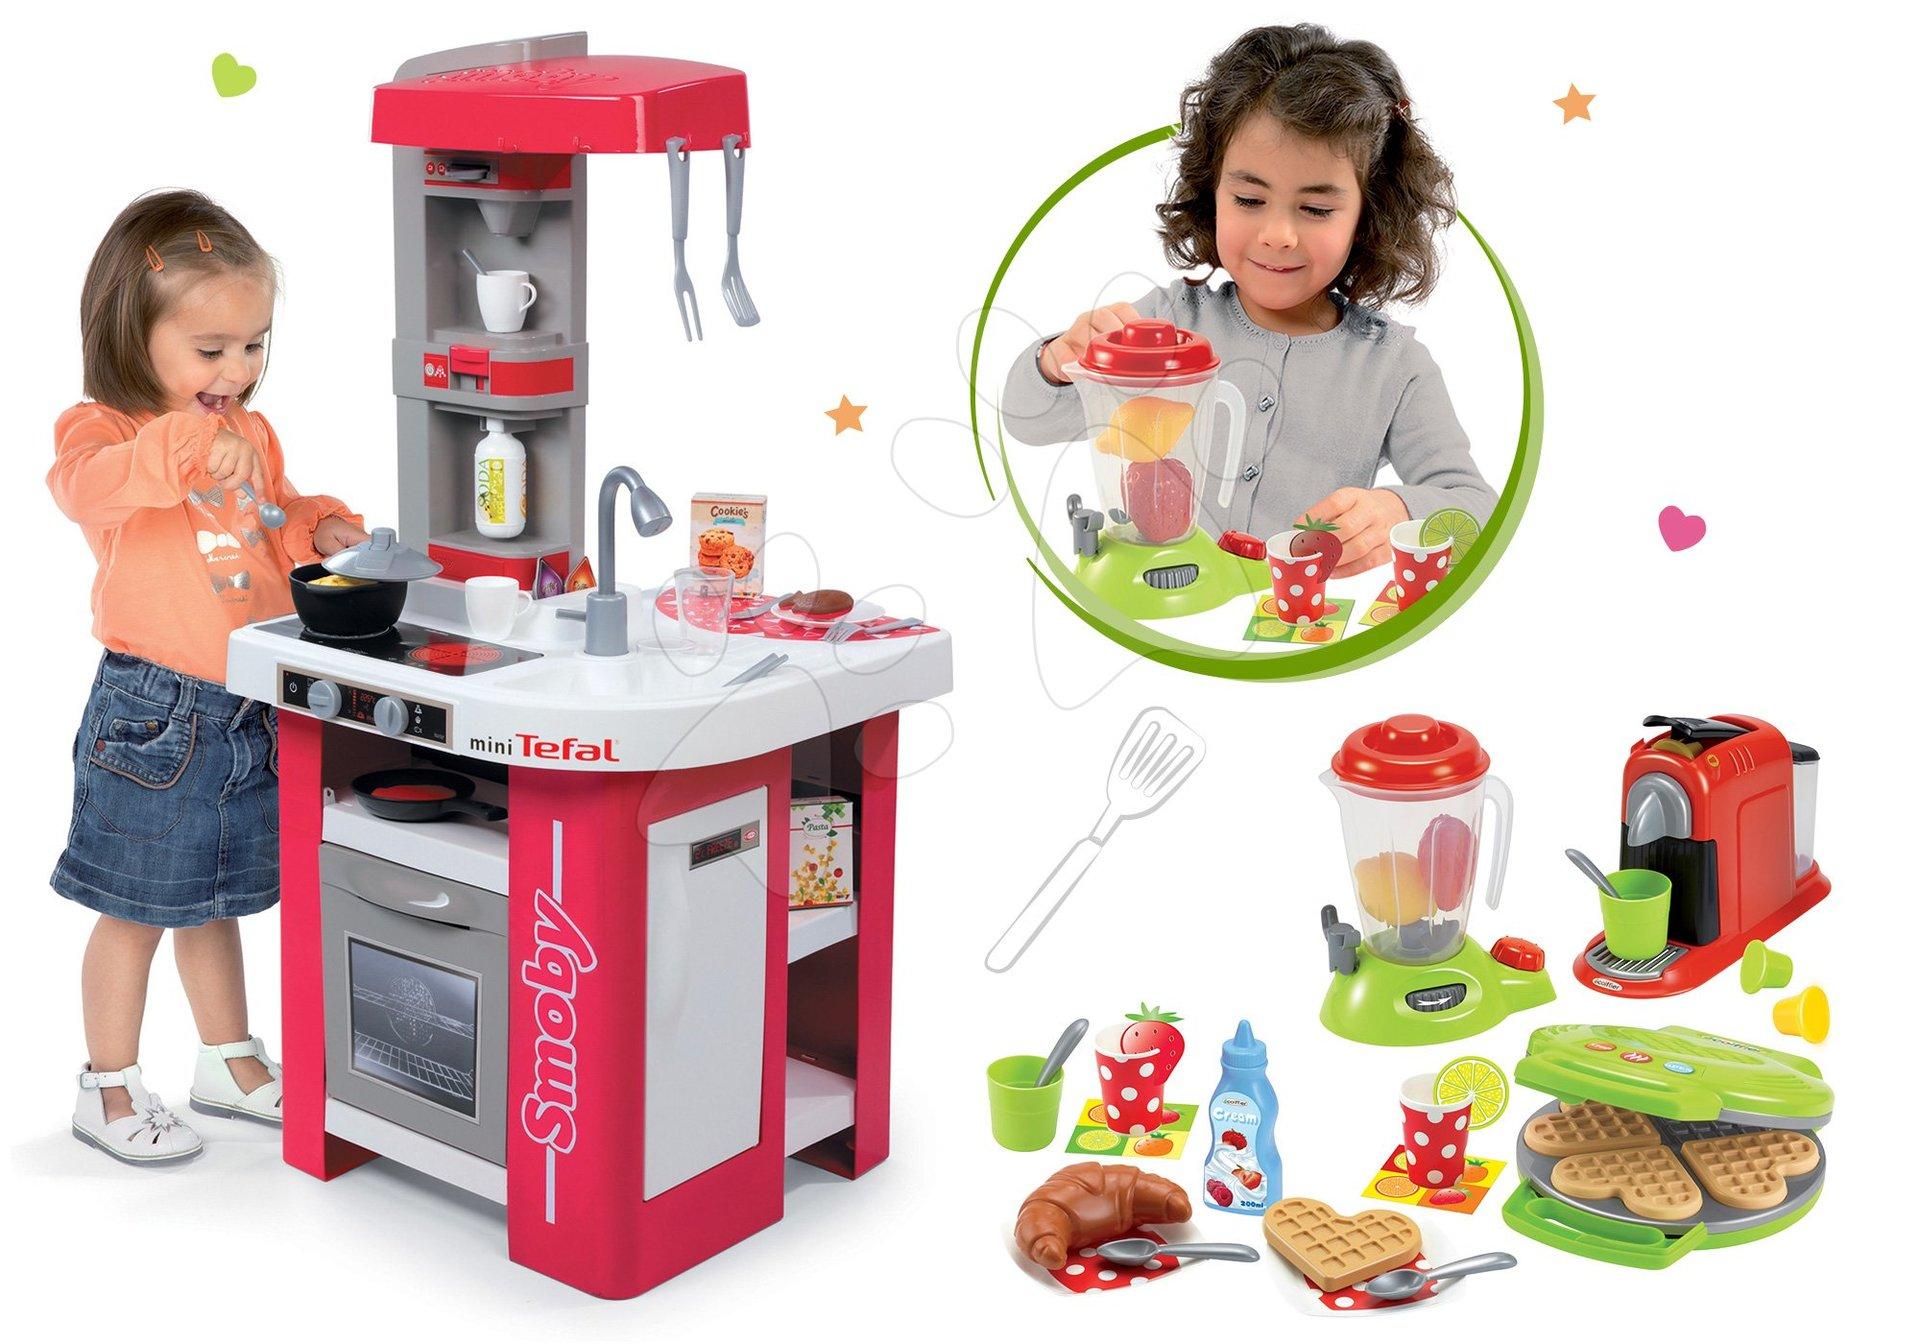 Smoby set detská kuchynka Tefal studio elektronická, vaflovač s doplnkami 311022-3